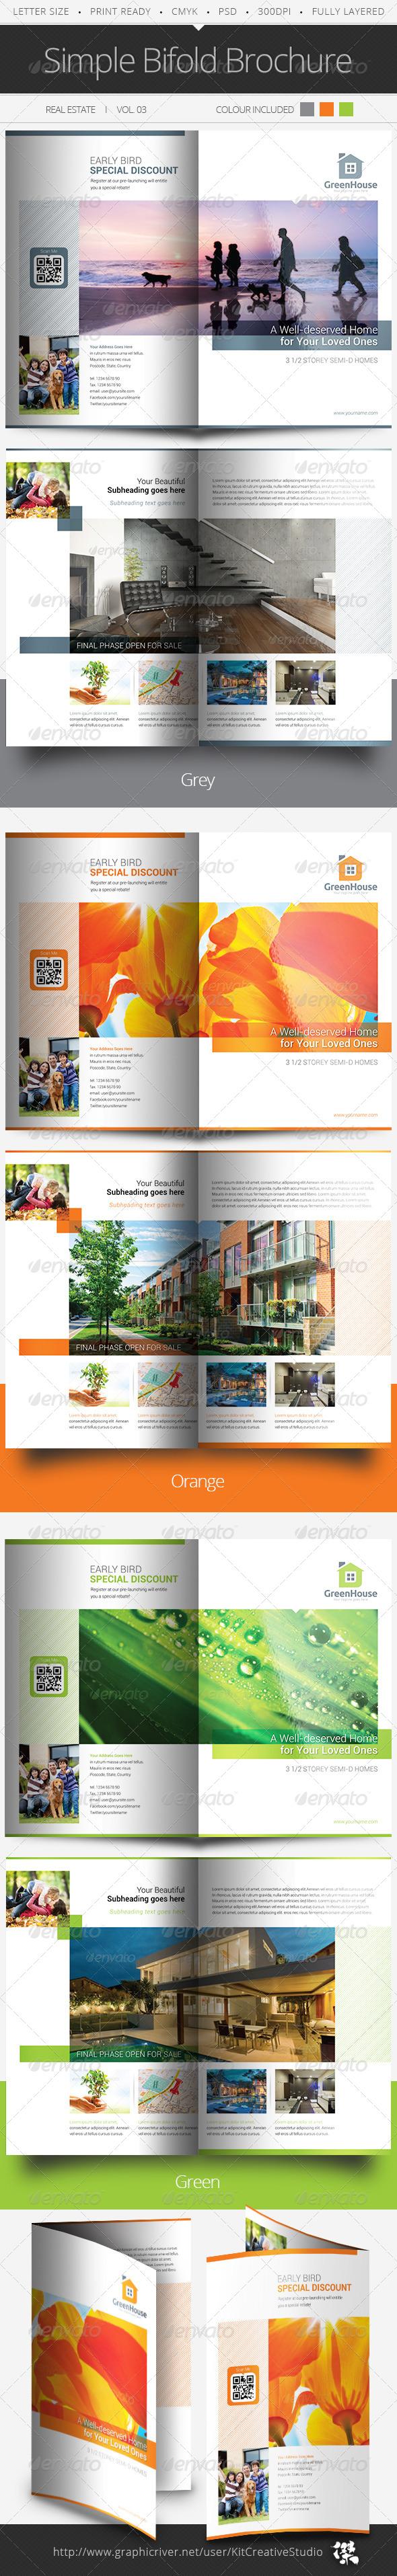 Simple Bifold Brochure Vol.03 - Informational Brochures